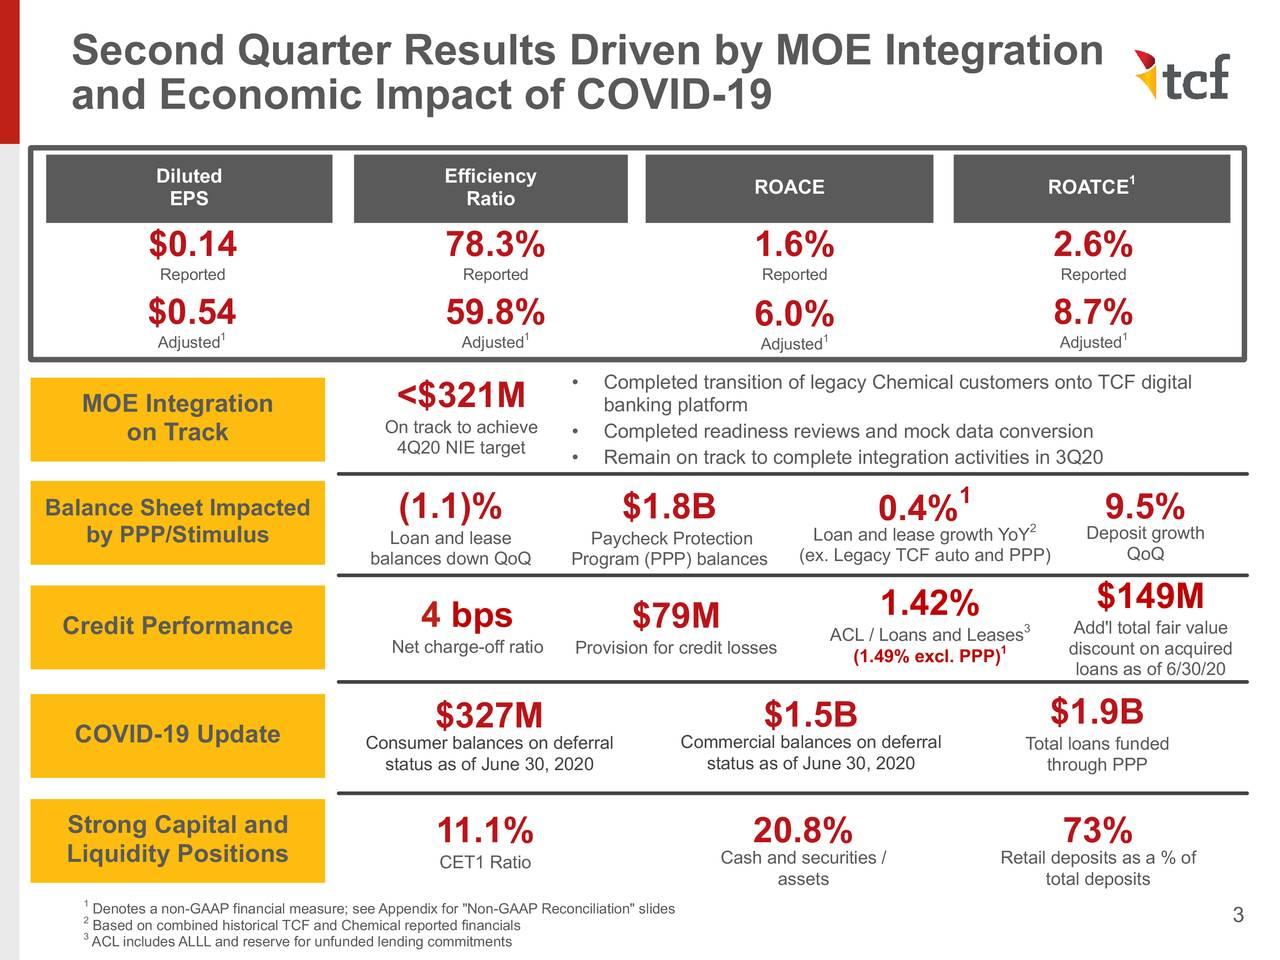 Resultados del segundo trimestre impulsados por la integración MOE